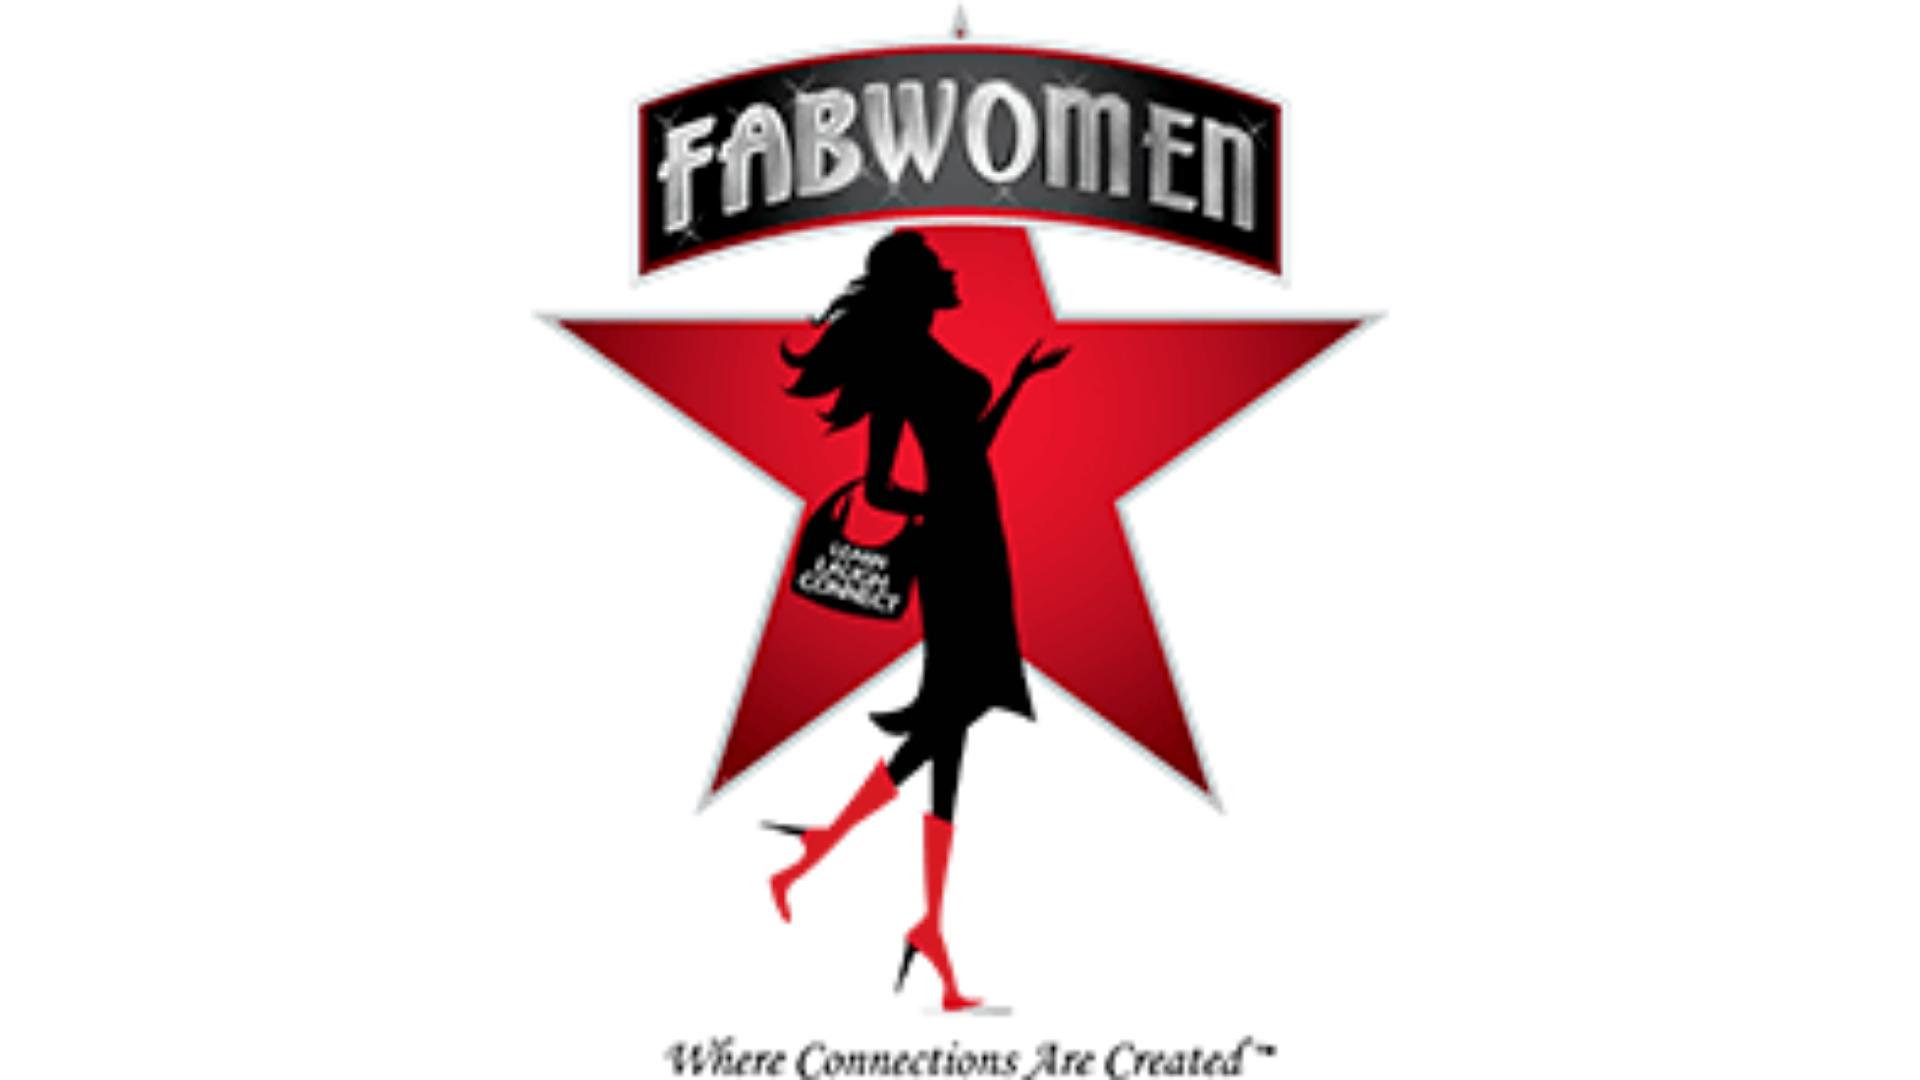 fabwomen networking